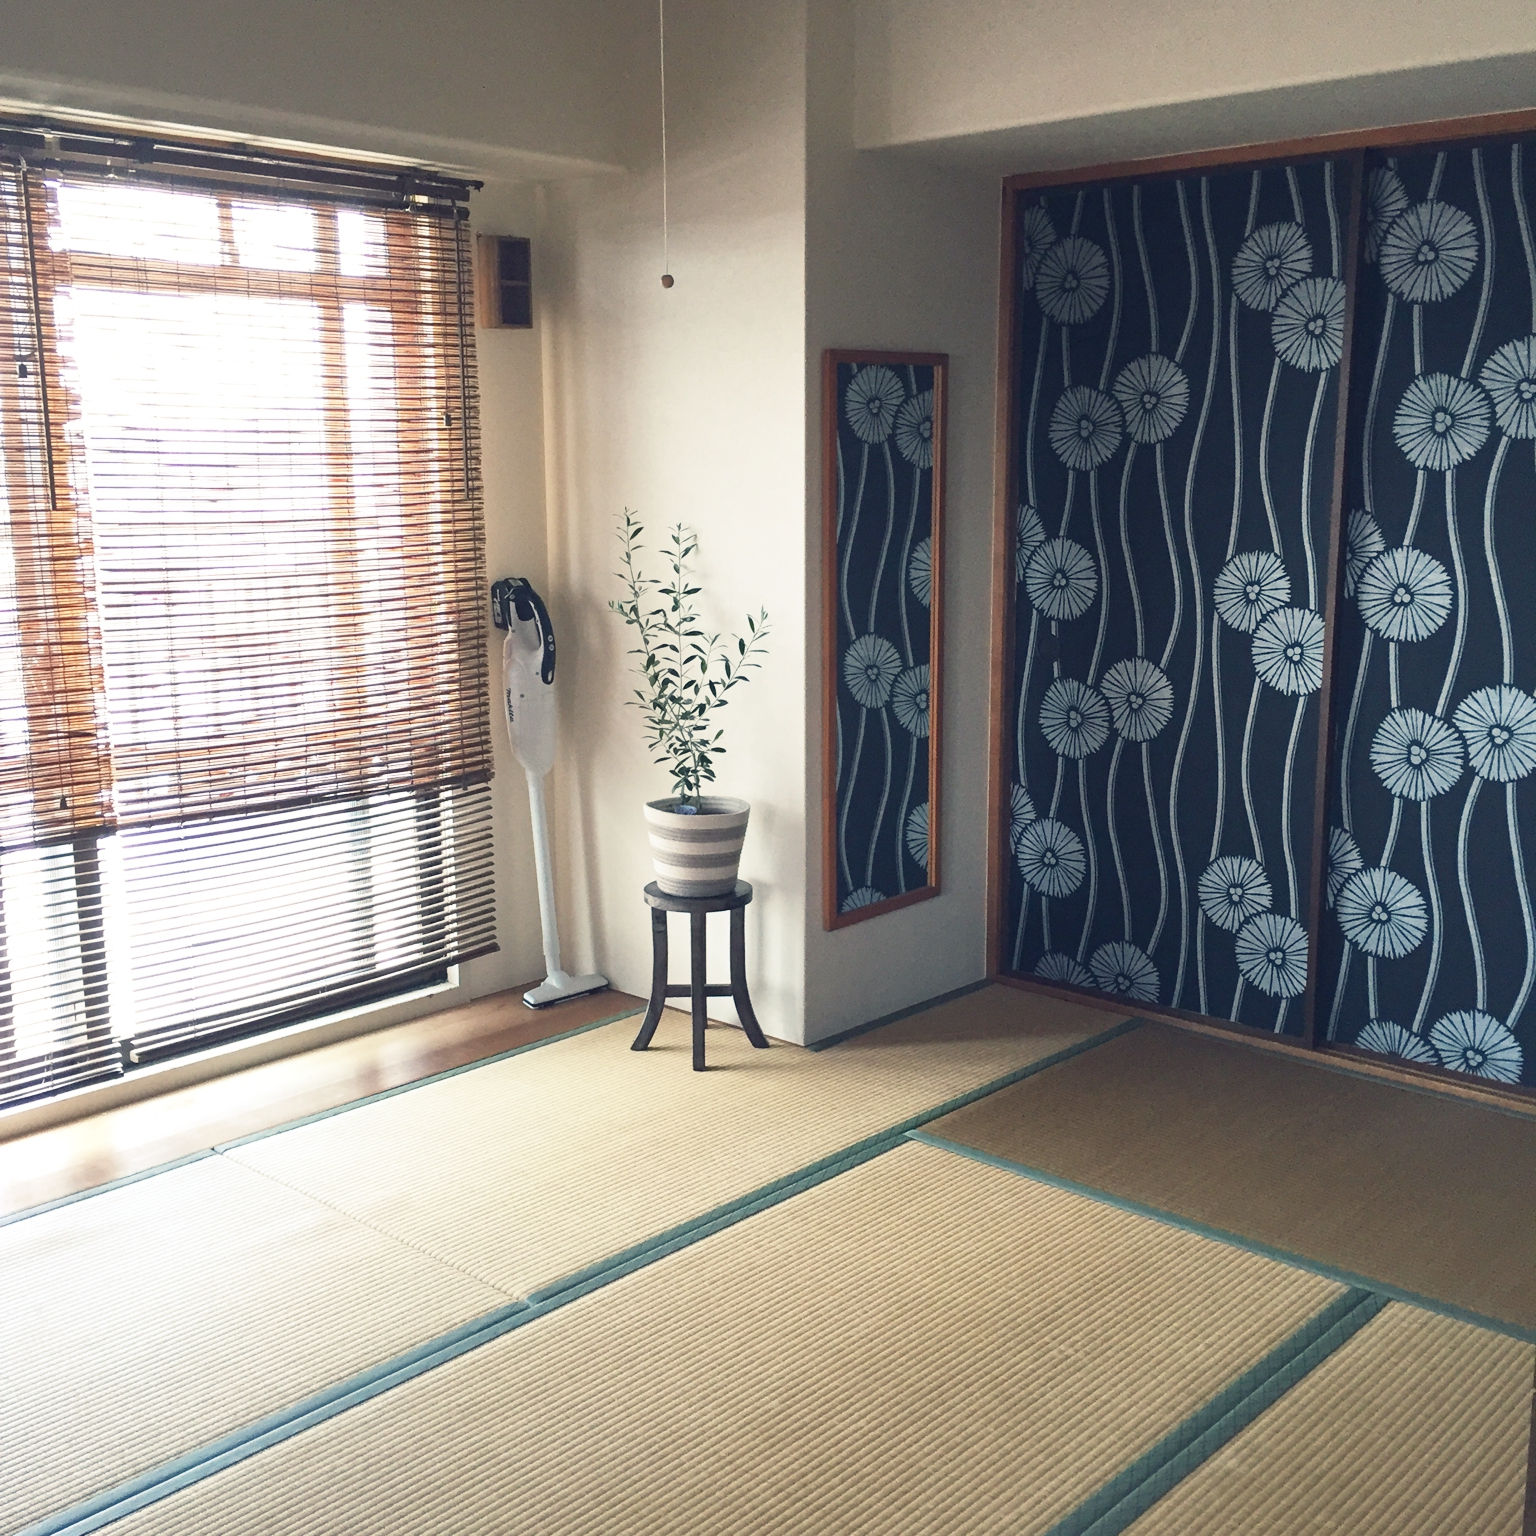 女性で、3LDK、家族住まいの壁紙屋本舗/築25年/シンプル/マンション/和室/ふすまに壁紙…などについてのインテリア実例を紹介。